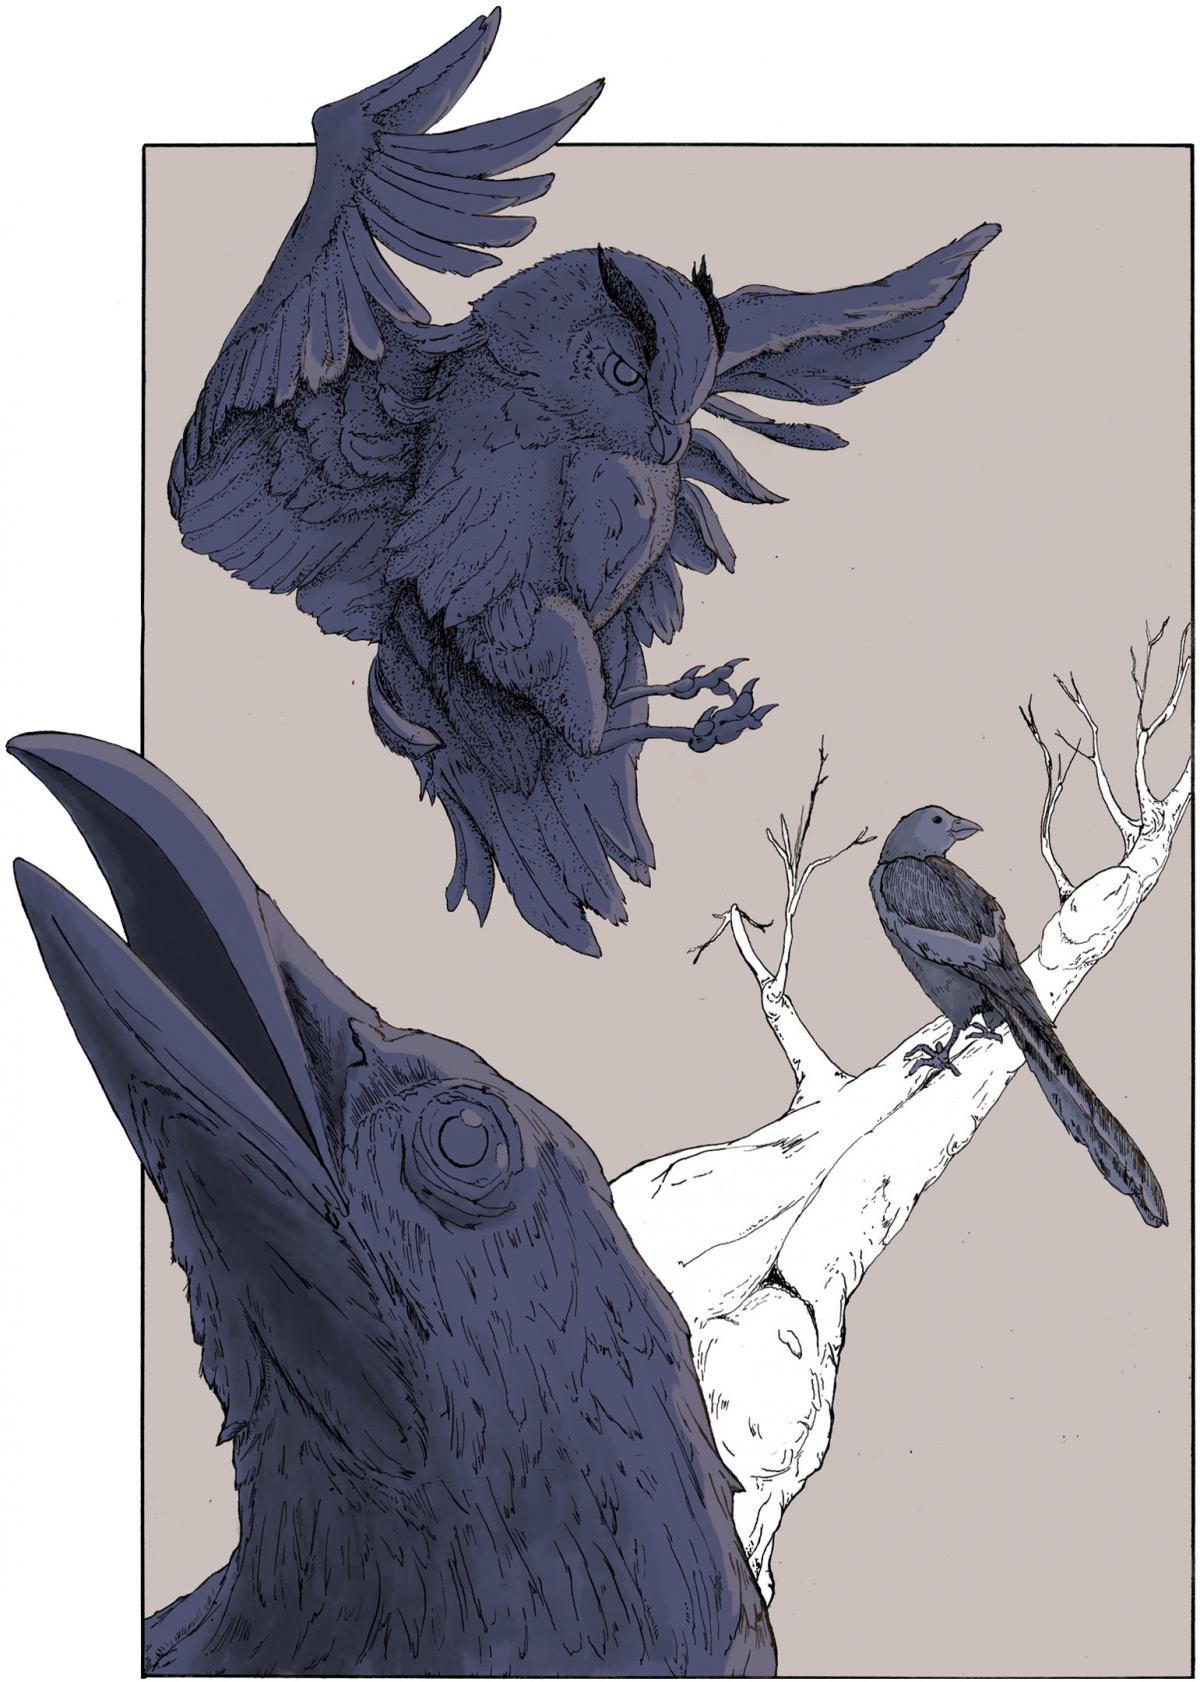 Illustration by Camden O'neill